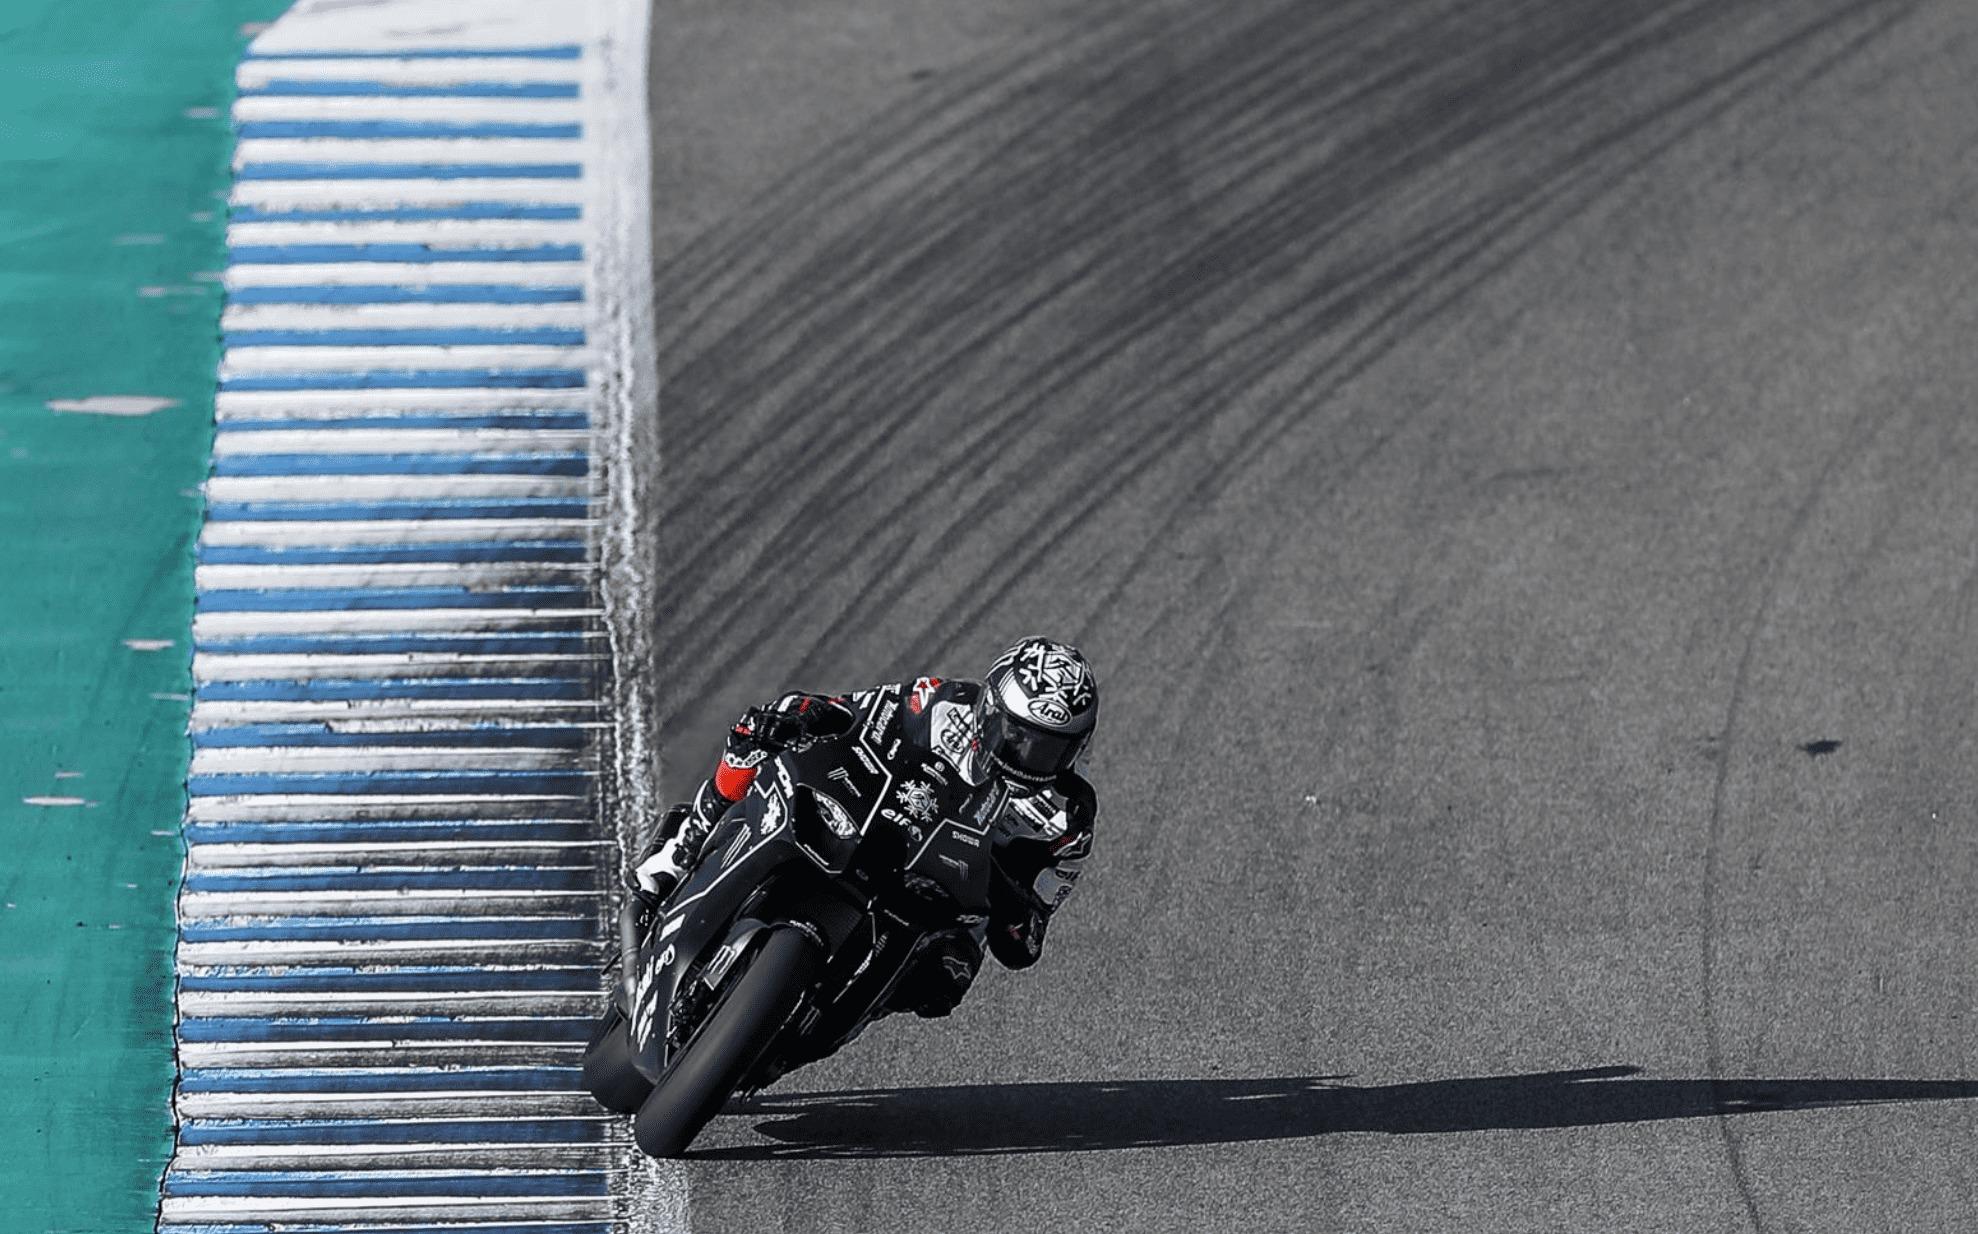 カワサキ・レーシング・チーム(KRT) ポルトガルで3月4日、3月5日の日程でテストを実施